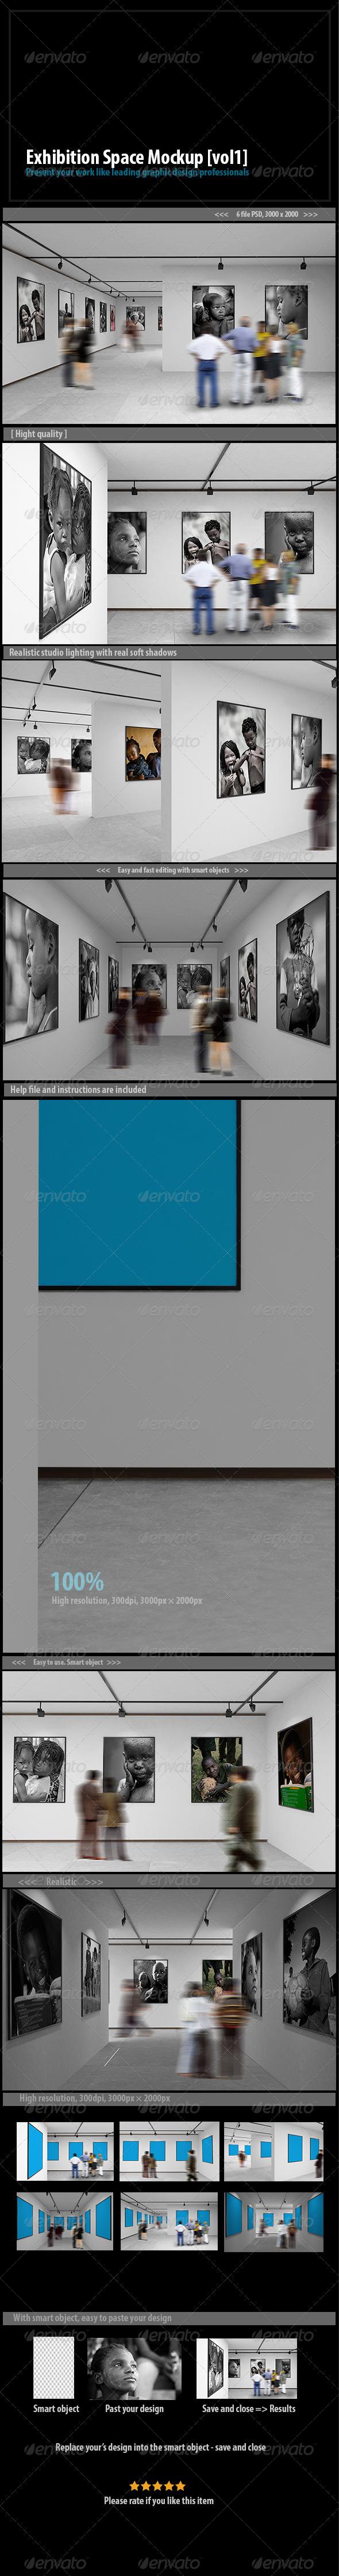 GraphicRiver Exhibition Space Mockup [vol1] 7543129